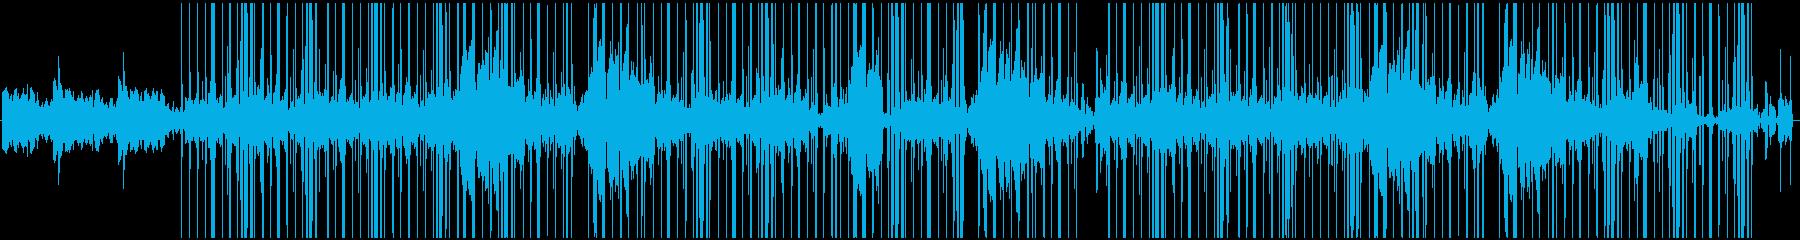 神秘的でレトロな上物にローファイビートの再生済みの波形